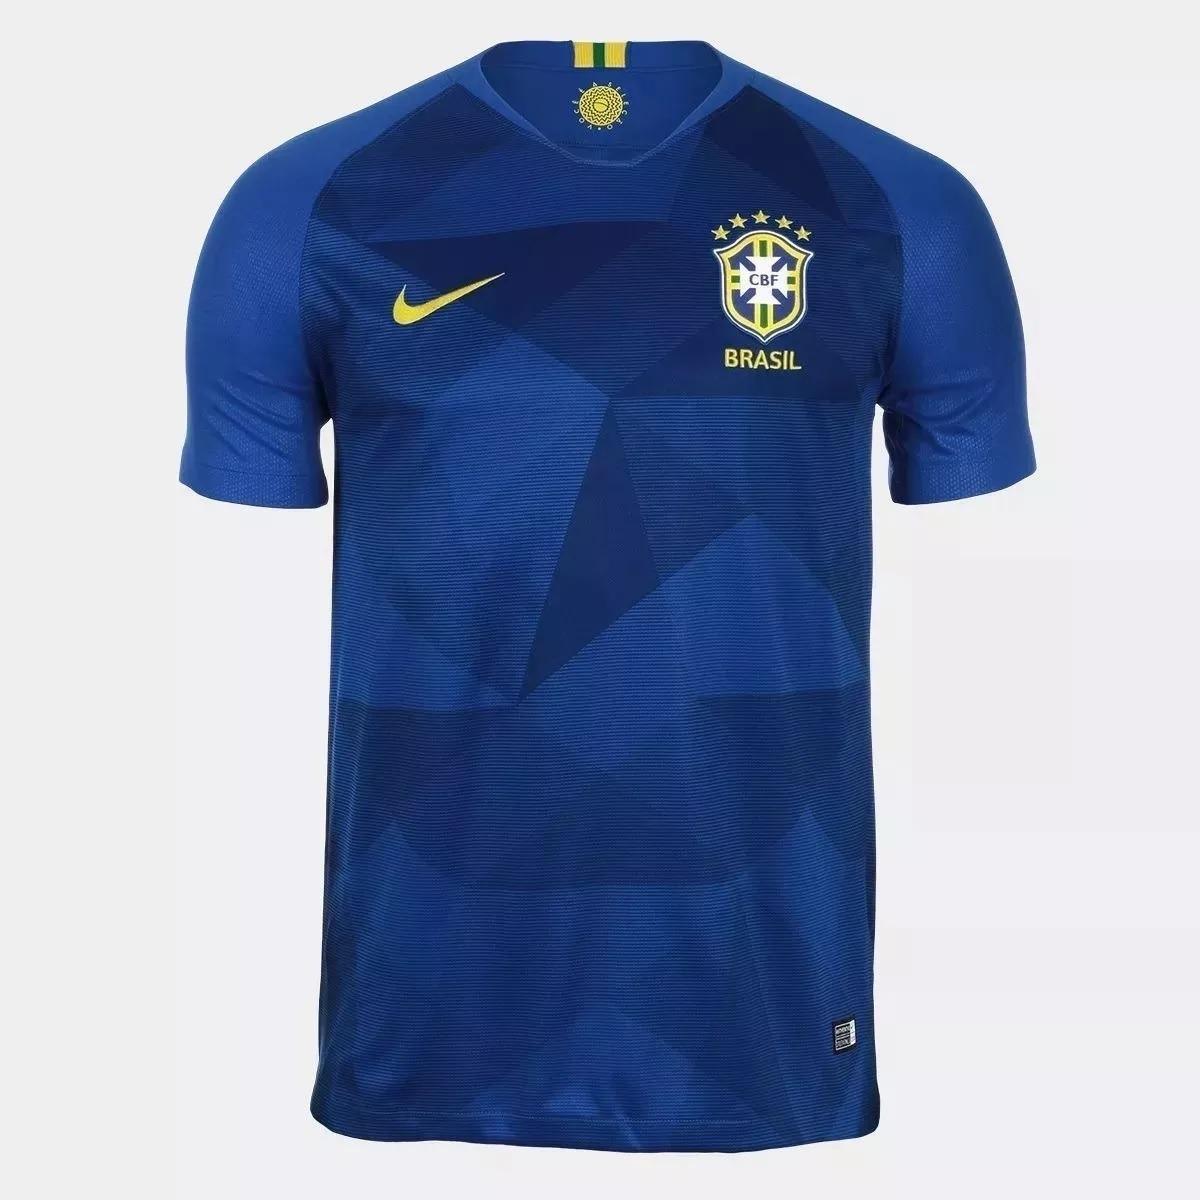 ... camisa seleção brasileira oficial copa 2018 pronta entrega! Carregando  zoom. c064d179c3558a ... ff2345339e2f1